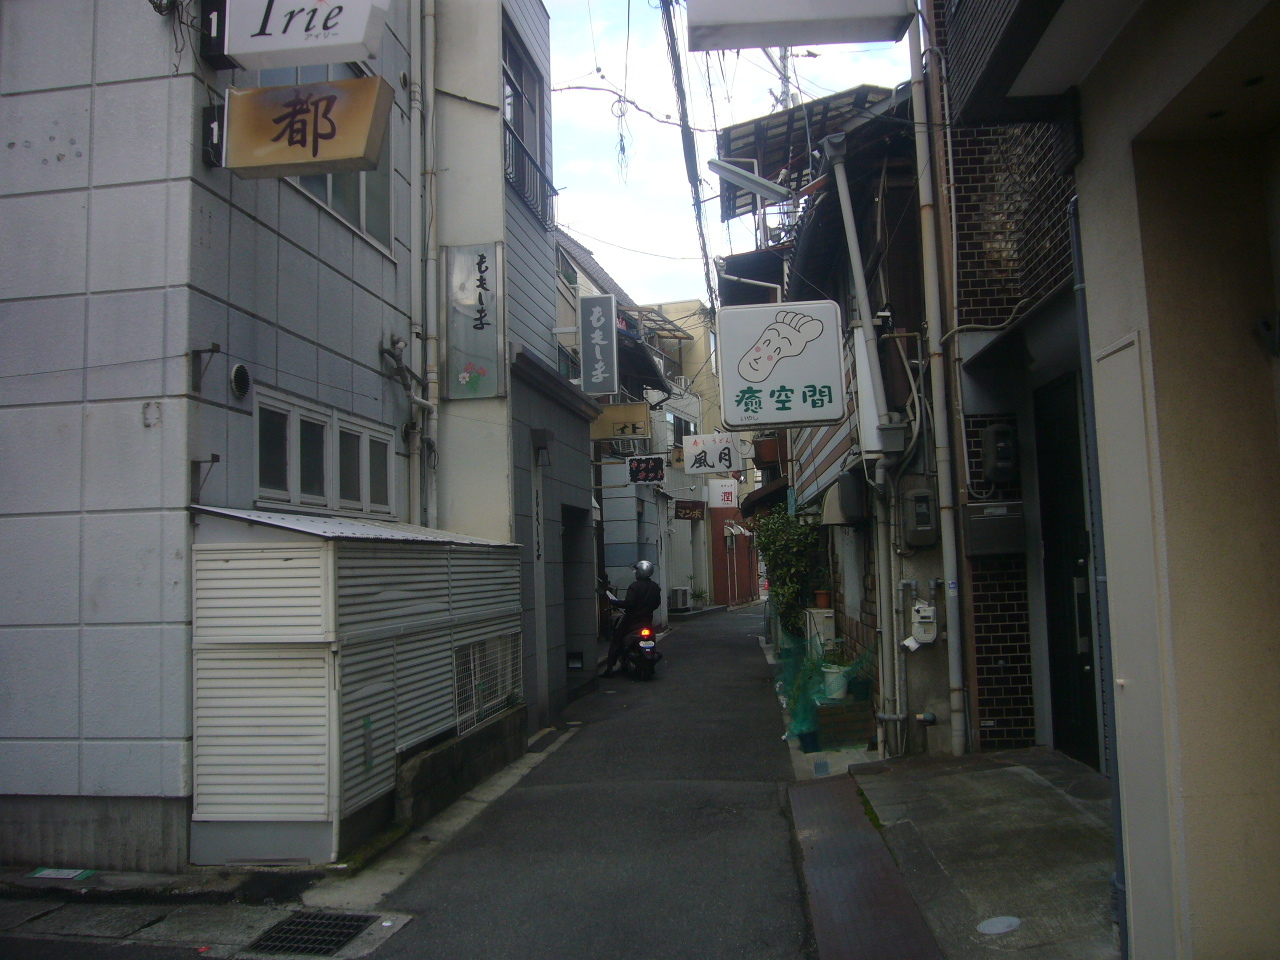 尾道の歓楽街 H29.11.11